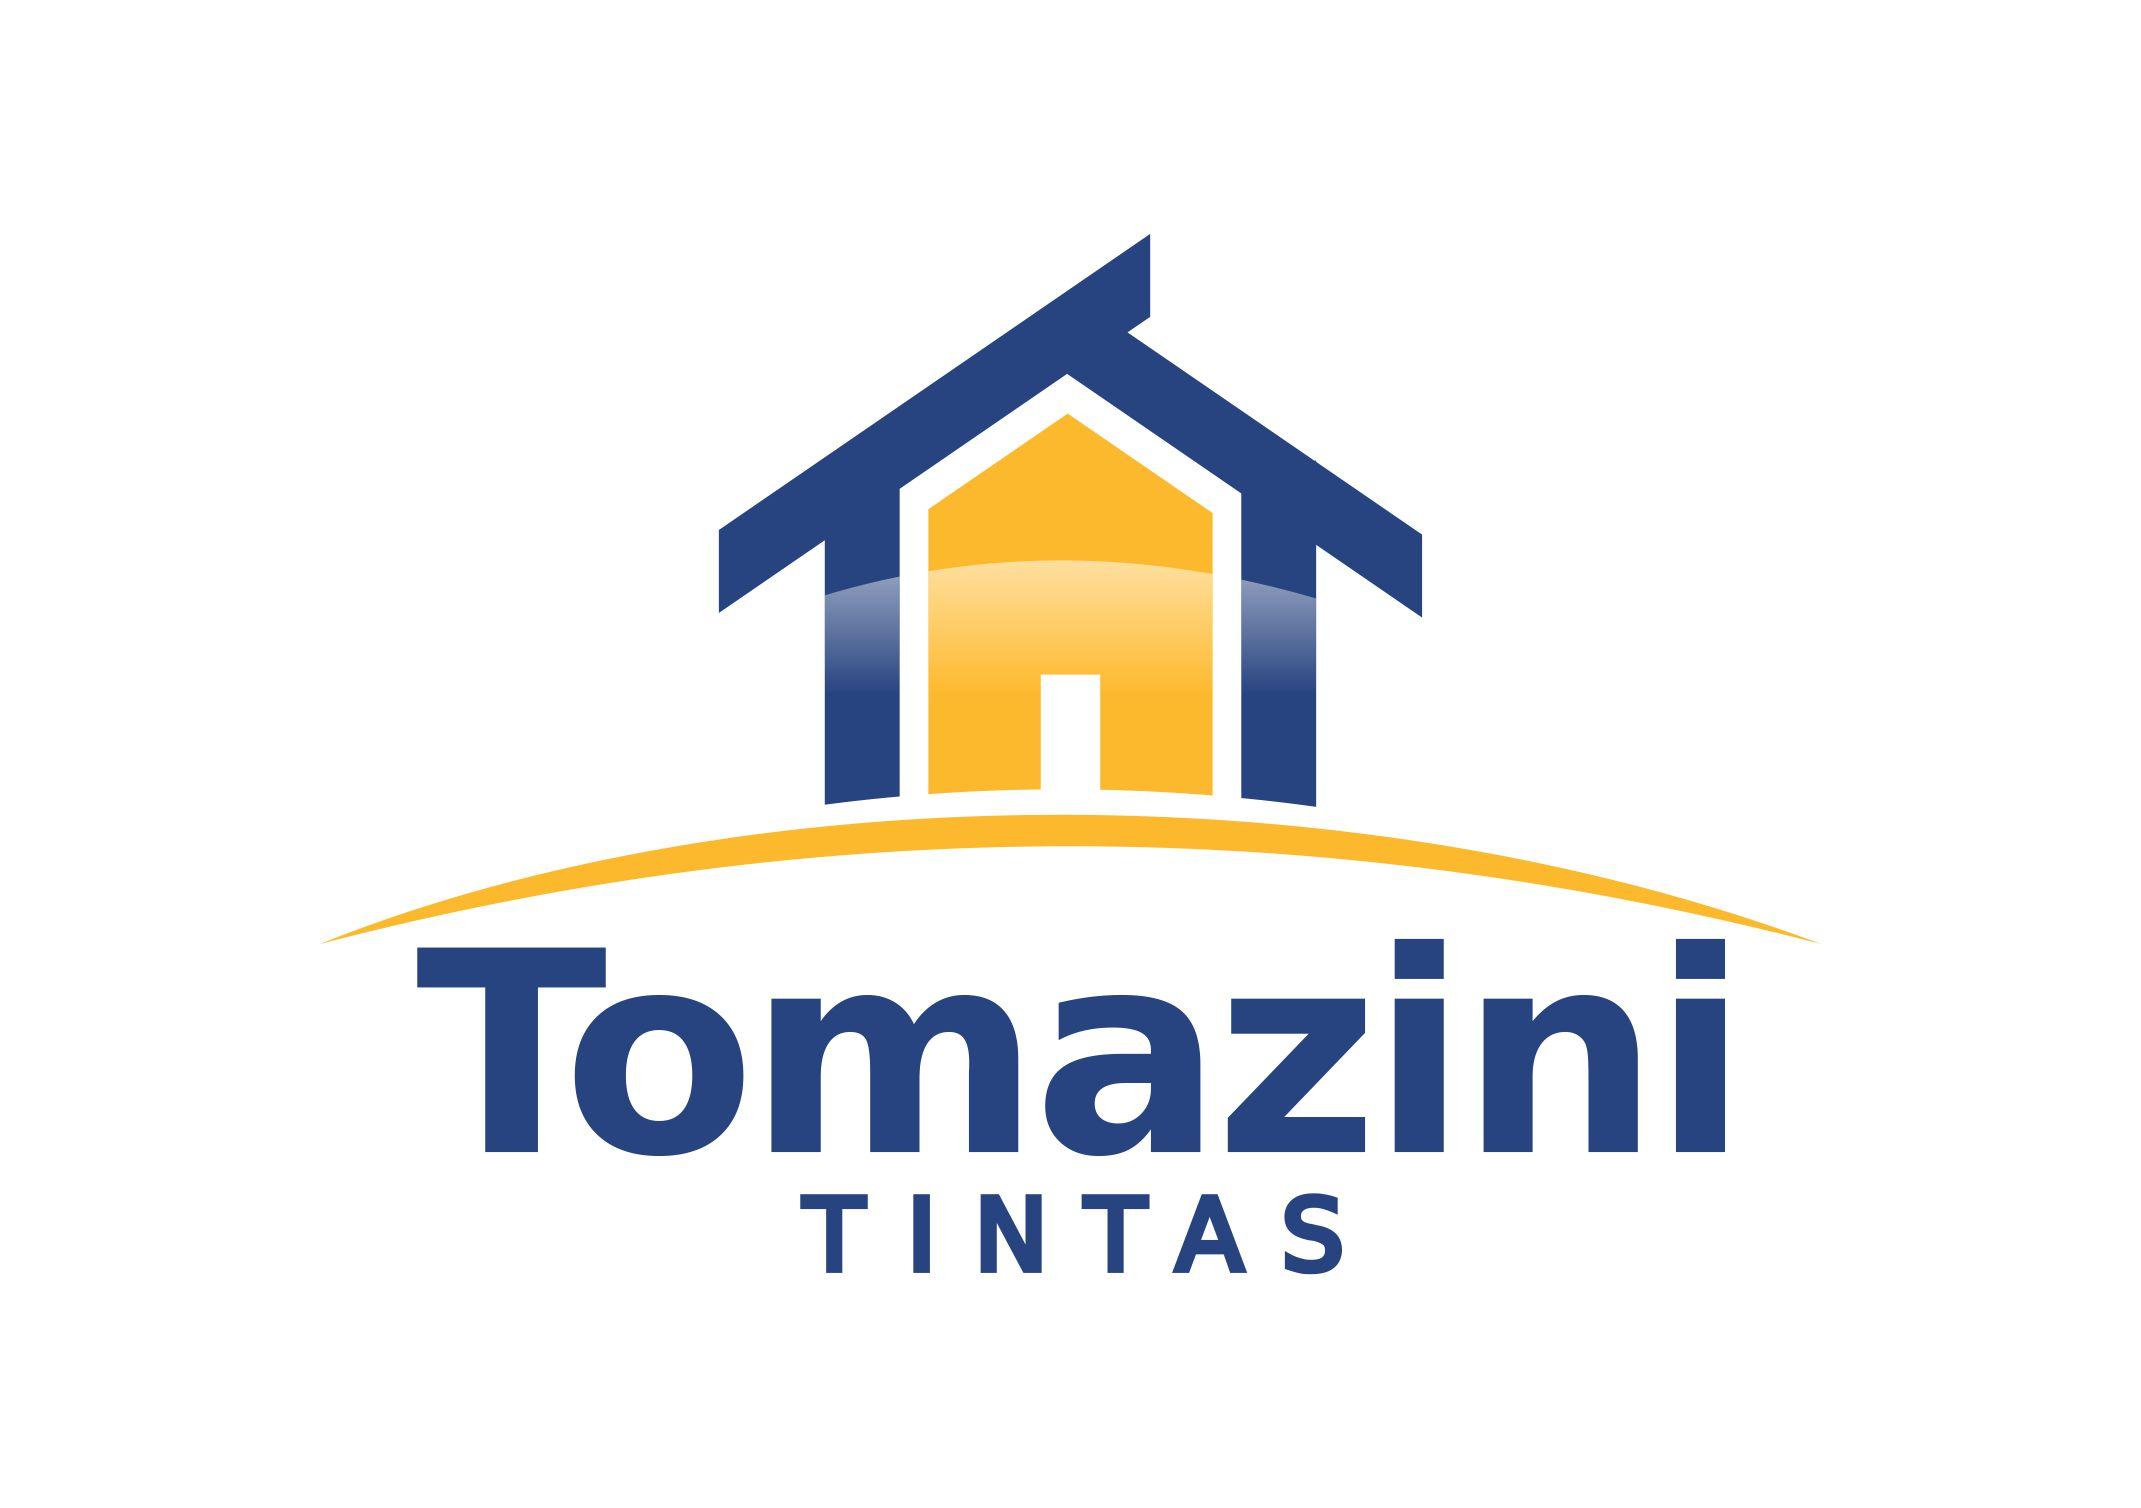 TOMAZINI TINTAS